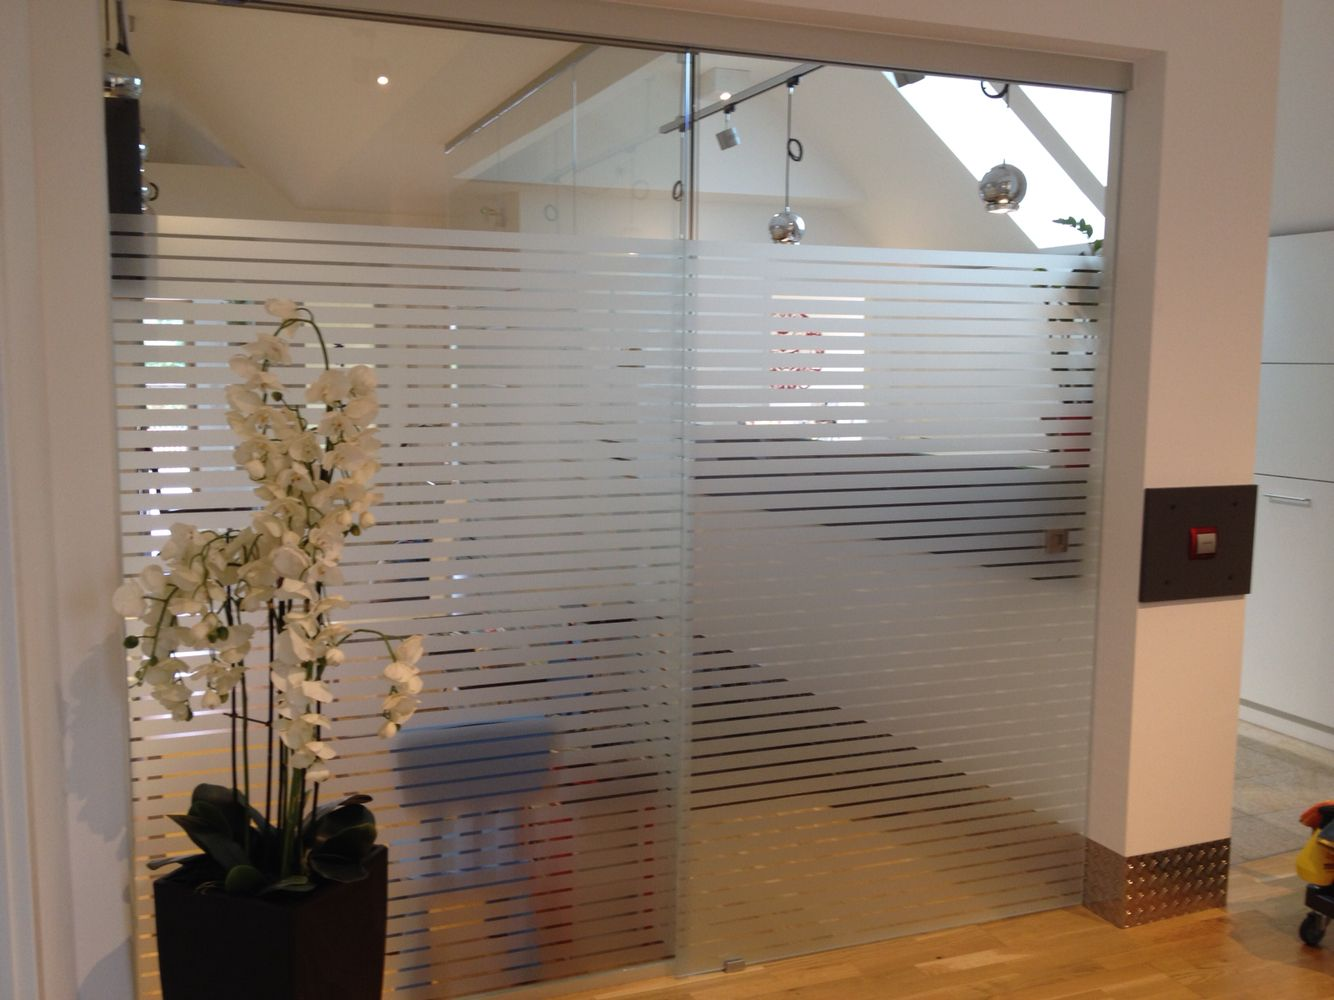 Automatische Glasschiebetur Mit Fixteil Und Streifenfolierung Glasschiebetur Schiebetur Raumteiler